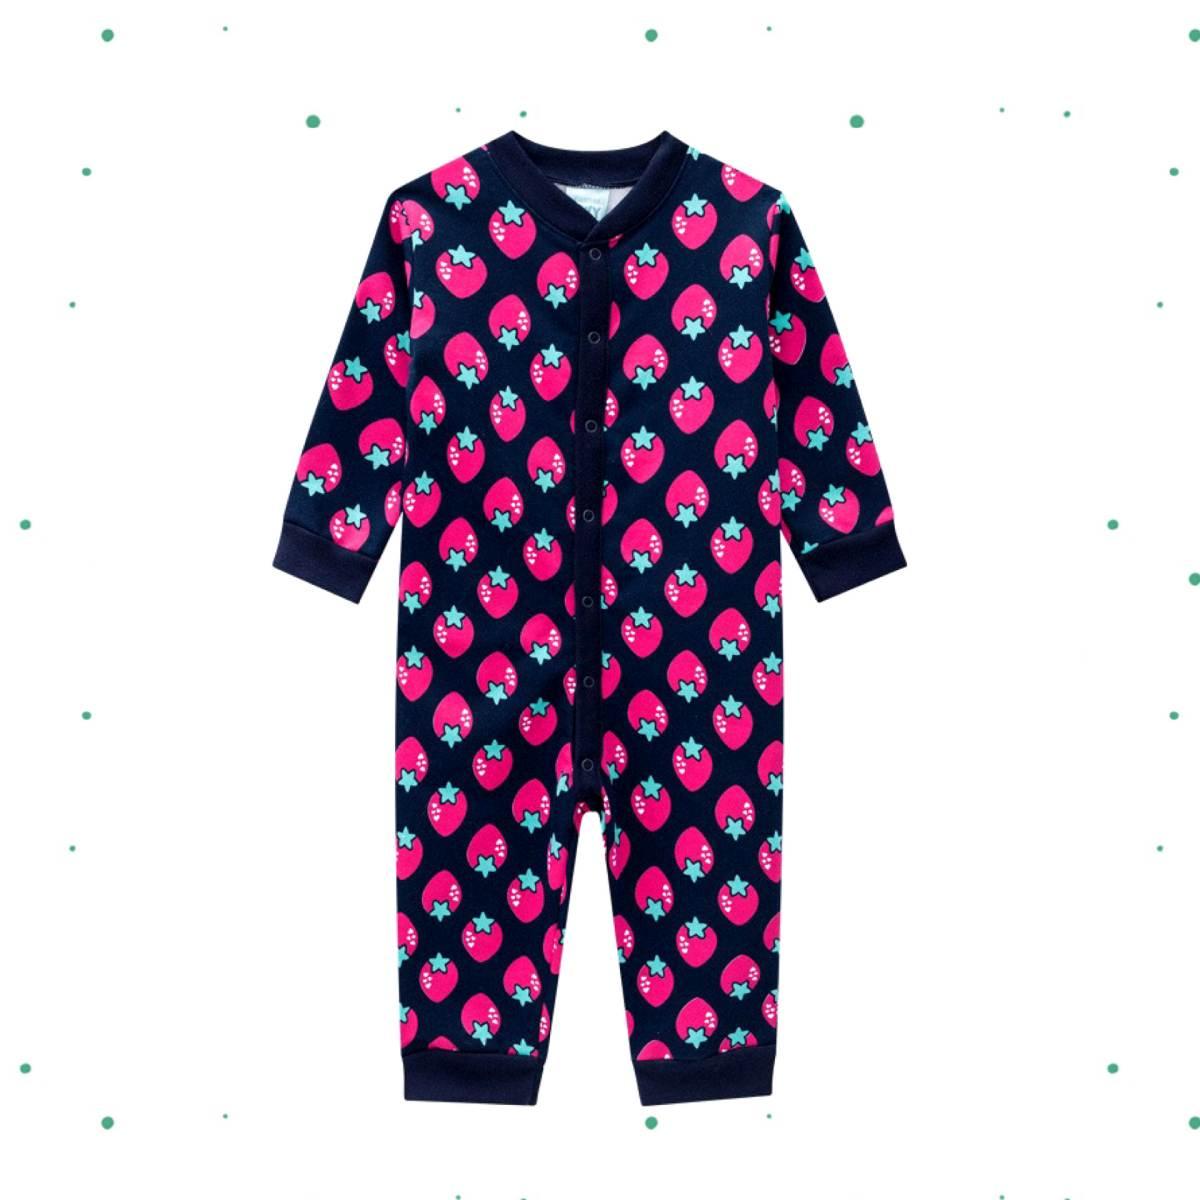 Macacão Pijama Bebê Menina Kyly Moletom Peluciado Marinho